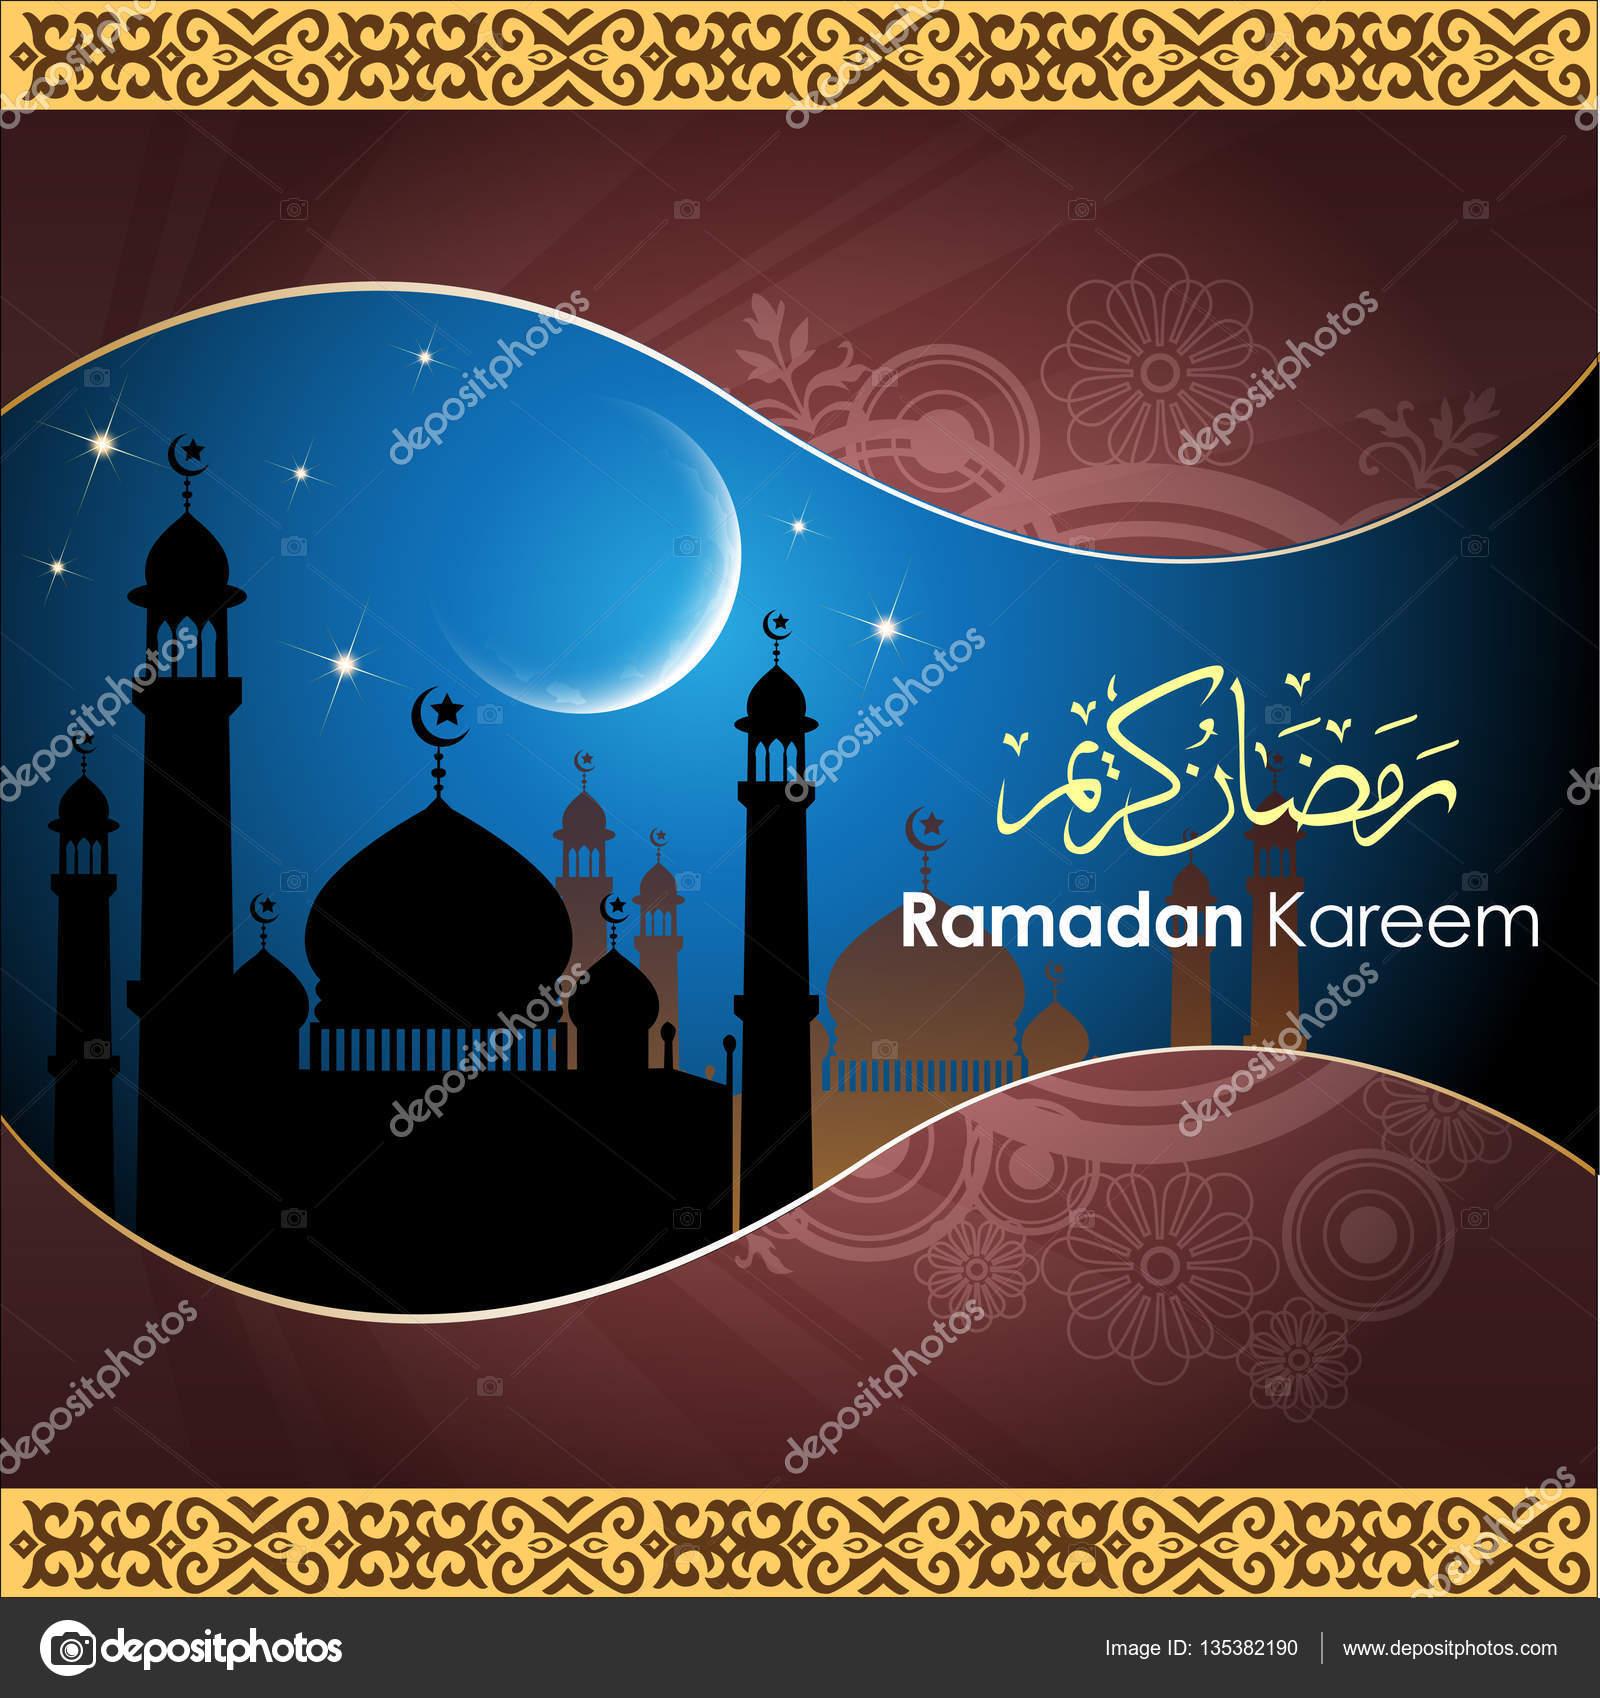 Арабские открытки с поздравлением фото 285